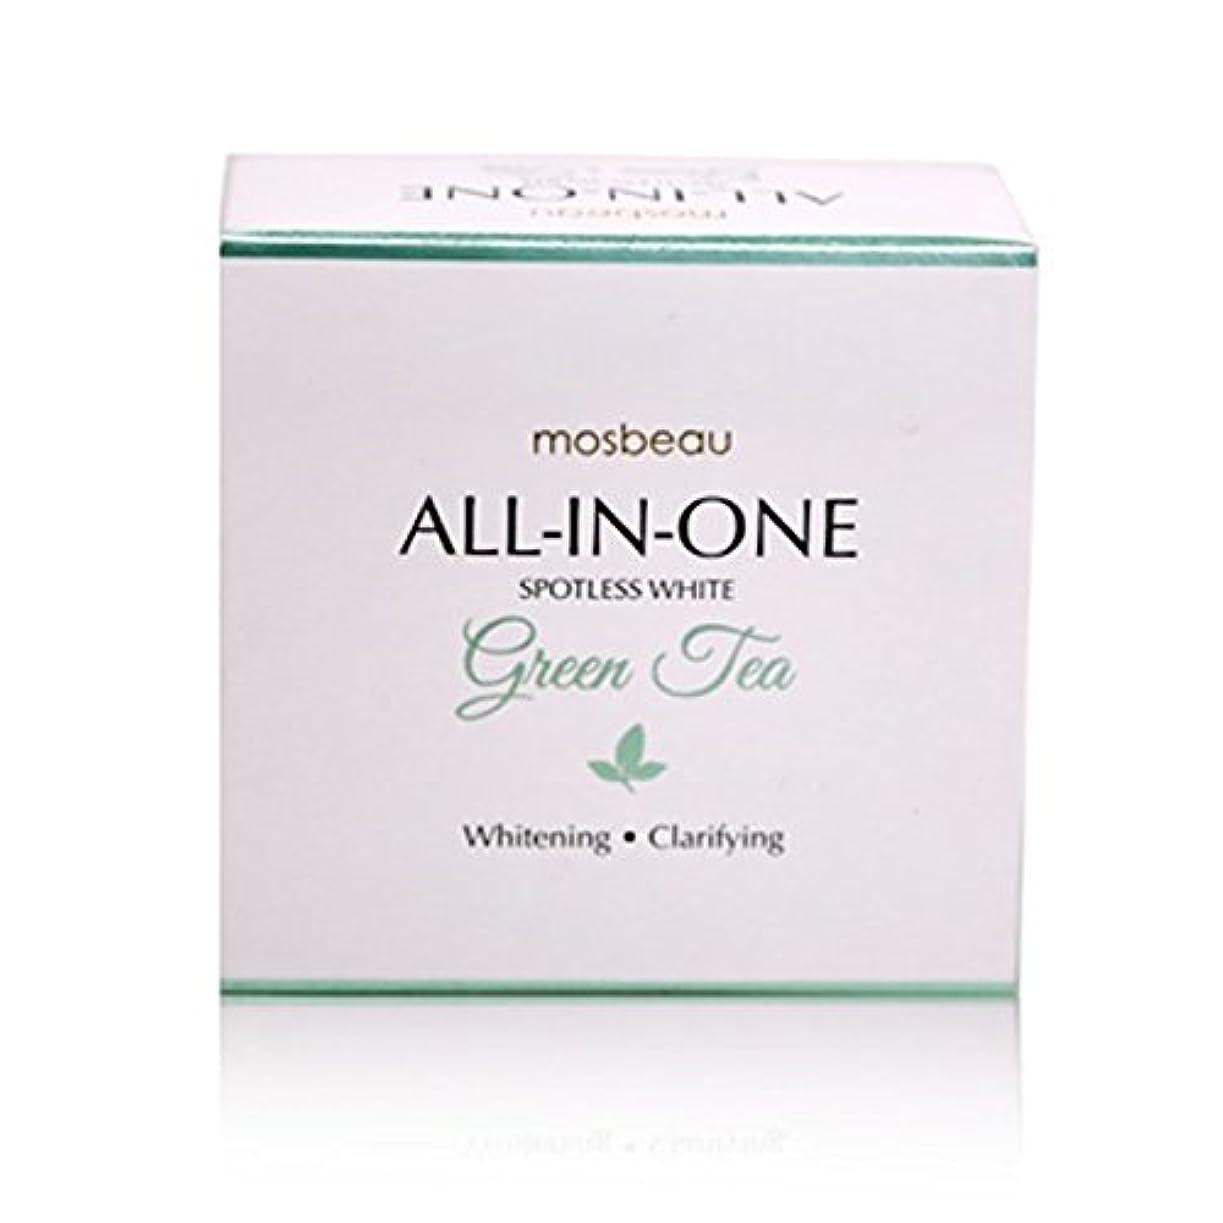 風刺屋内でディプロマmosbeau Spotless White GREEN TEA Facial Soap 100g モスビュー スポットレス ホワイト グリーンティー フェイシャル ソープ